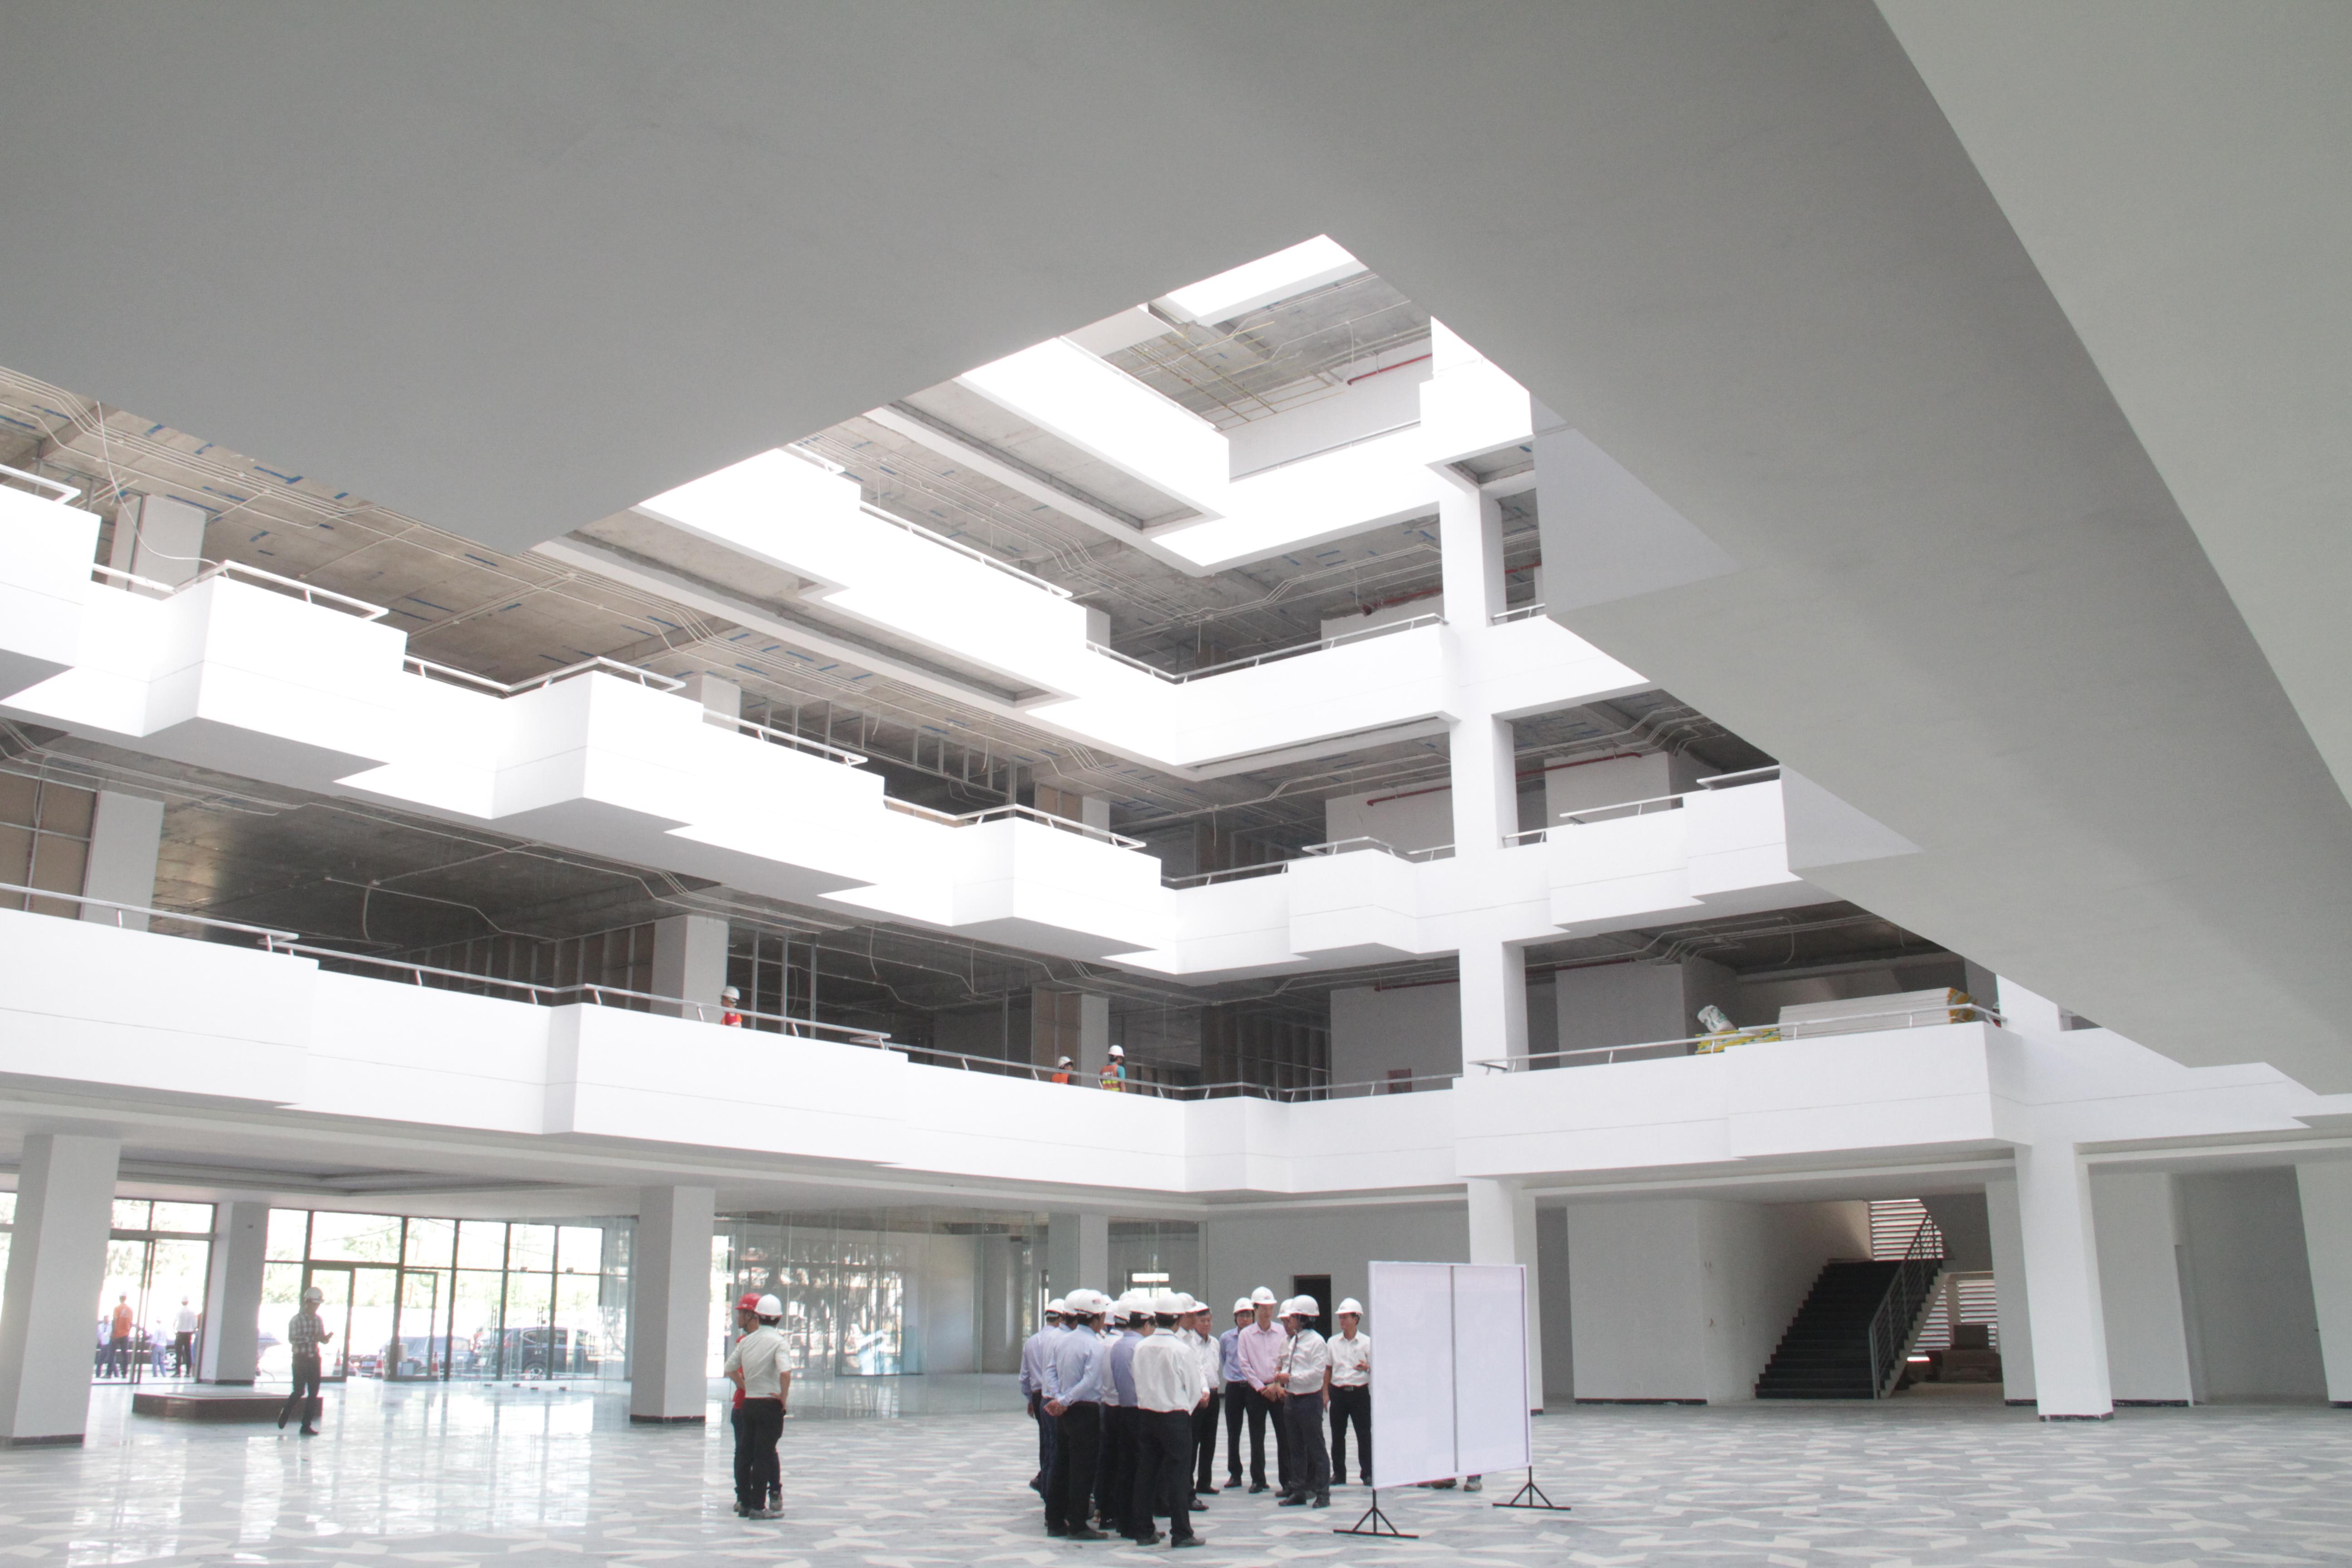 GĐ dự án Campus ĐH FPT cơ sở Đà Nẵng - anh Nguyễn Hữu Hiệp cho biết công trình dự kiến đưa vào sử dụng đầu tháng 8. Các hạng mục nhà ăn, ký túc xá đều đã triển khai và đúng tiến độ.